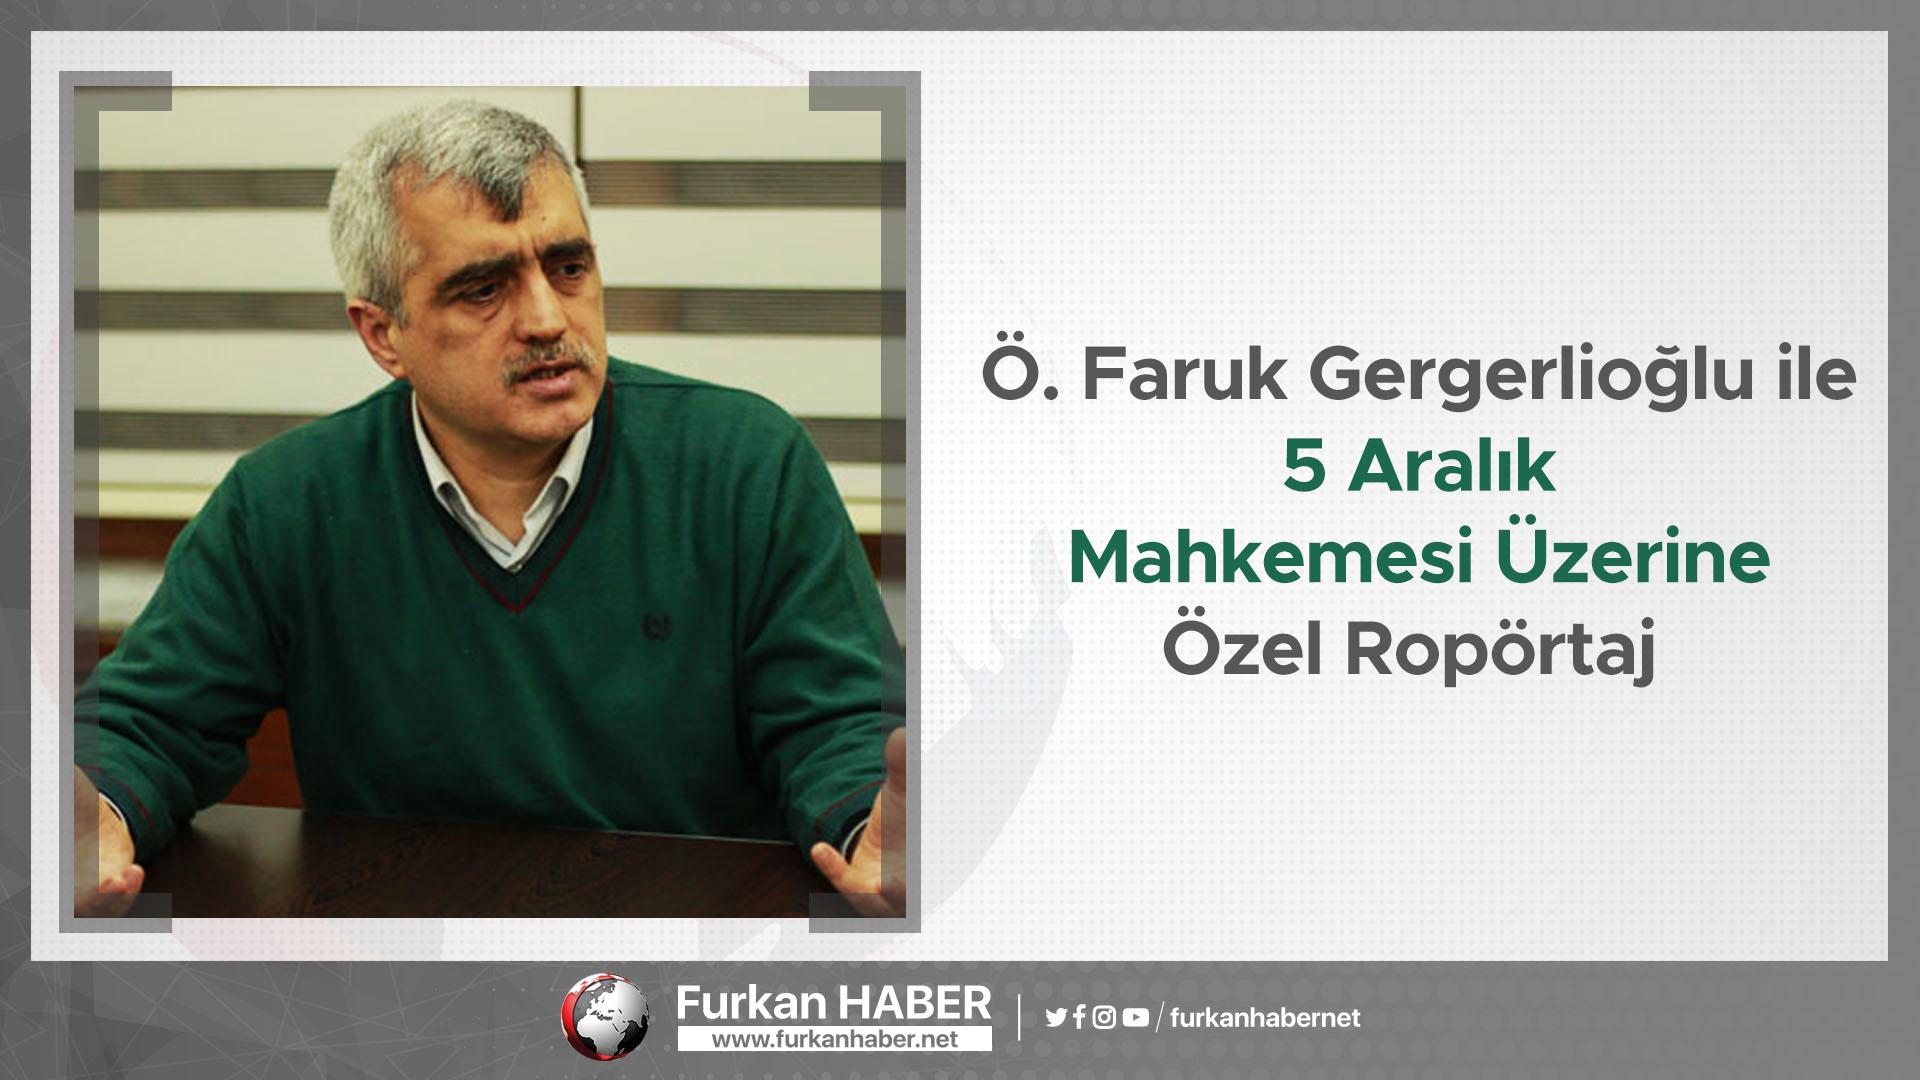 Ömer Faruk Gergerlioğlu ile 5 Aralık Mahkemesi Üzerine Özel Ropörtaj